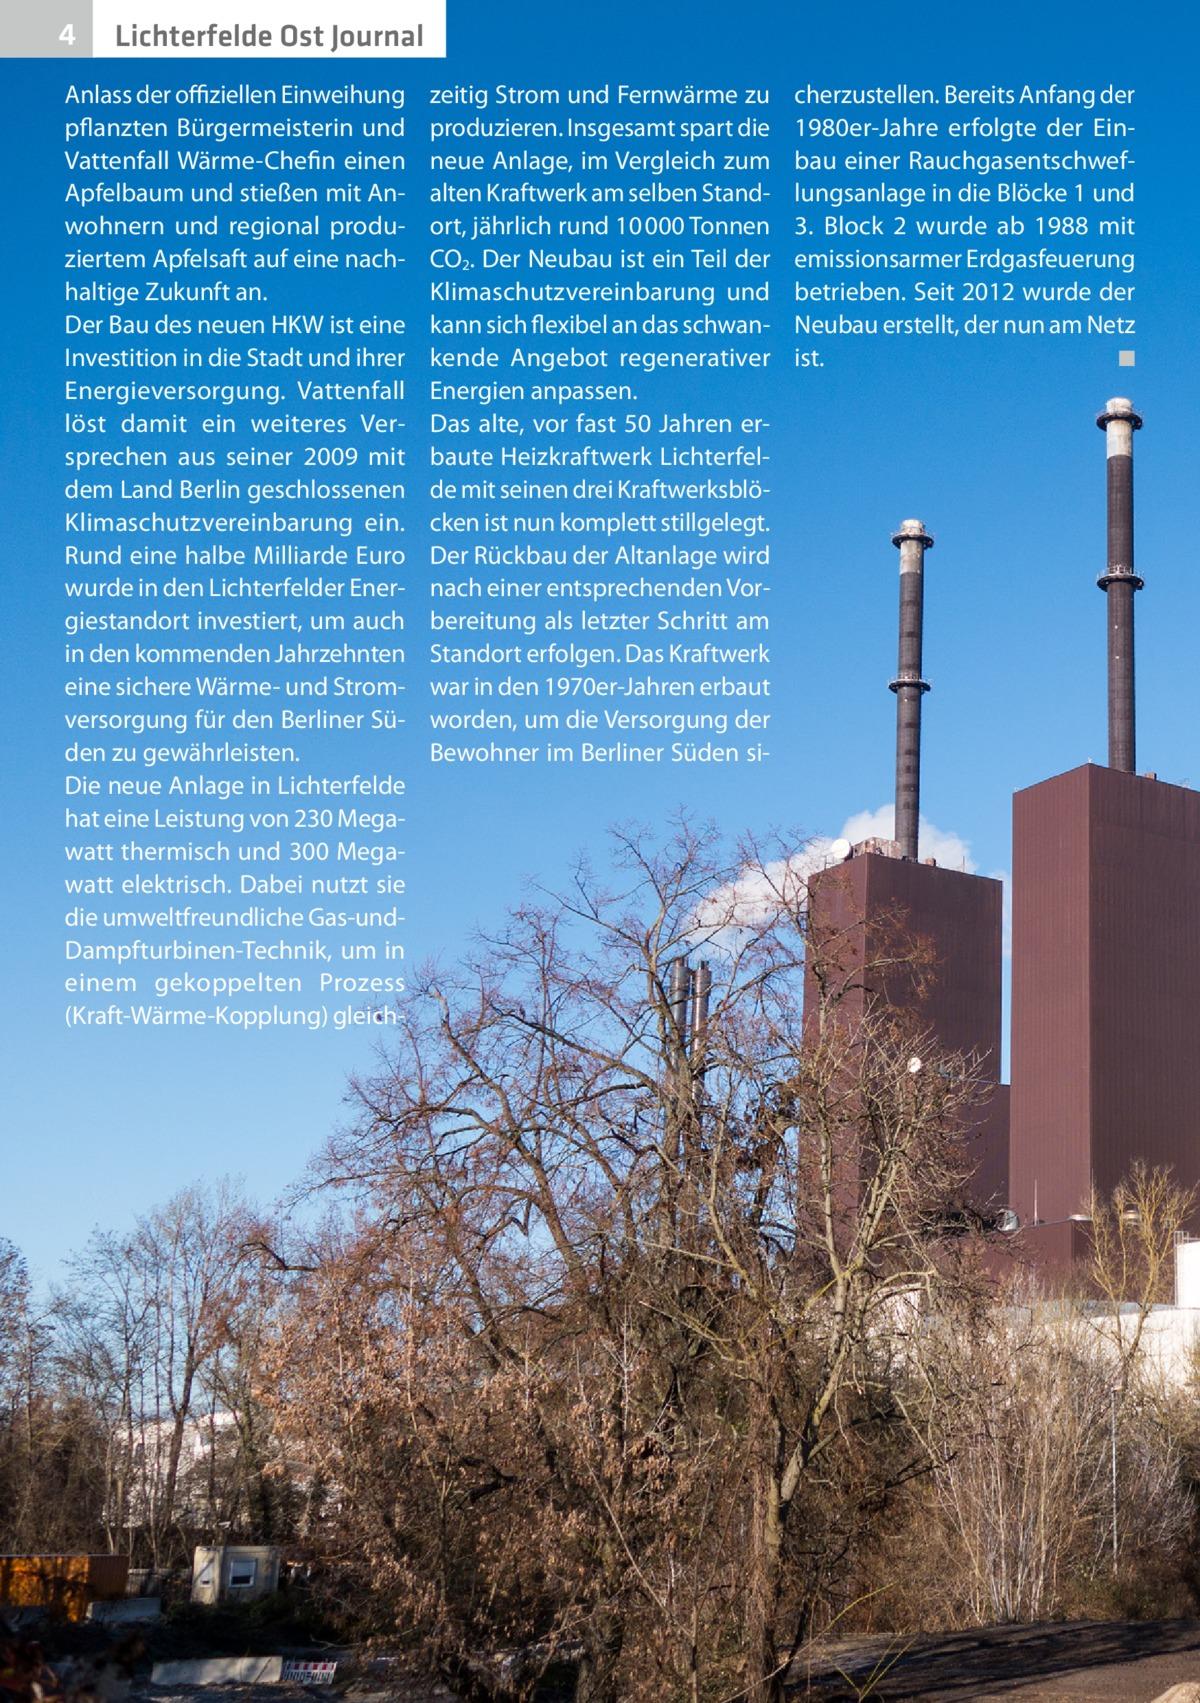 4  Lichterfelde Ost Journal  Anlass der offiziellen Einweihung pflanzten Bürgermeisterin und Vattenfall Wärme-Chefin einen Apfelbaum und stießen mit Anwohnern und regional produziertem Apfelsaft auf eine nachhaltige Zukunft an. Der Bau des neuen HKW ist eine Investition in die Stadt und ihrer Energieversorgung. Vattenfall löst damit ein weiteres Versprechen aus seiner 2009 mit dem Land Berlin geschlossenen Klimaschutzvereinbarung ein. Rund eine halbe Milliarde Euro wurde in den Lichterfelder Energiestandort investiert, um auch in den kommenden Jahrzehnten eine sichere Wärme- und Stromversorgung für den Berliner Süden zu gewährleisten. Die neue Anlage in Lichterfelde hat eine Leistung von 230Megawatt thermisch und 300Megawatt elektrisch. Dabei nutzt sie die umweltfreundliche Gas-undDampfturbinen-Technik, um in einem gekoppelten Prozess (Kraft-Wärme-Kopplung) gleich zeitig Strom und Fernwärme zu produzieren. Insgesamt spart die neue Anlage, im Vergleich zum alten Kraftwerk am selben Standort, jährlich rund 10000Tonnen CO2. Der Neubau ist ein Teil der Klimaschutzvereinbarung und kann sich flexibel an das schwankende Angebot regenerativer Energien anpassen. Das alte, vor fast 50Jahren erbaute Heizkraftwerk Lichterfelde mit seinen drei Kraftwerksblöcken ist nun komplett stillgelegt. Der Rückbau der Altanlage wird nach einer entsprechenden Vorbereitung als letzter Schritt am Standort erfolgen. Das Kraftwerk war in den 1970er-Jahren erbaut worden, um die Versorgung der Bewohner im Berliner Süden si cherzustellen. Bereits Anfang der 1980er-Jahre erfolgte der Einbau einer Rauchgasentschweflungsanlage in die Blöcke1 und 3. Block 2 wurde ab 1988 mit emissionsarmer Erdgasfeuerung betrieben. Seit 2012 wurde der Neubau erstellt, der nun am Netz ist. � ◾